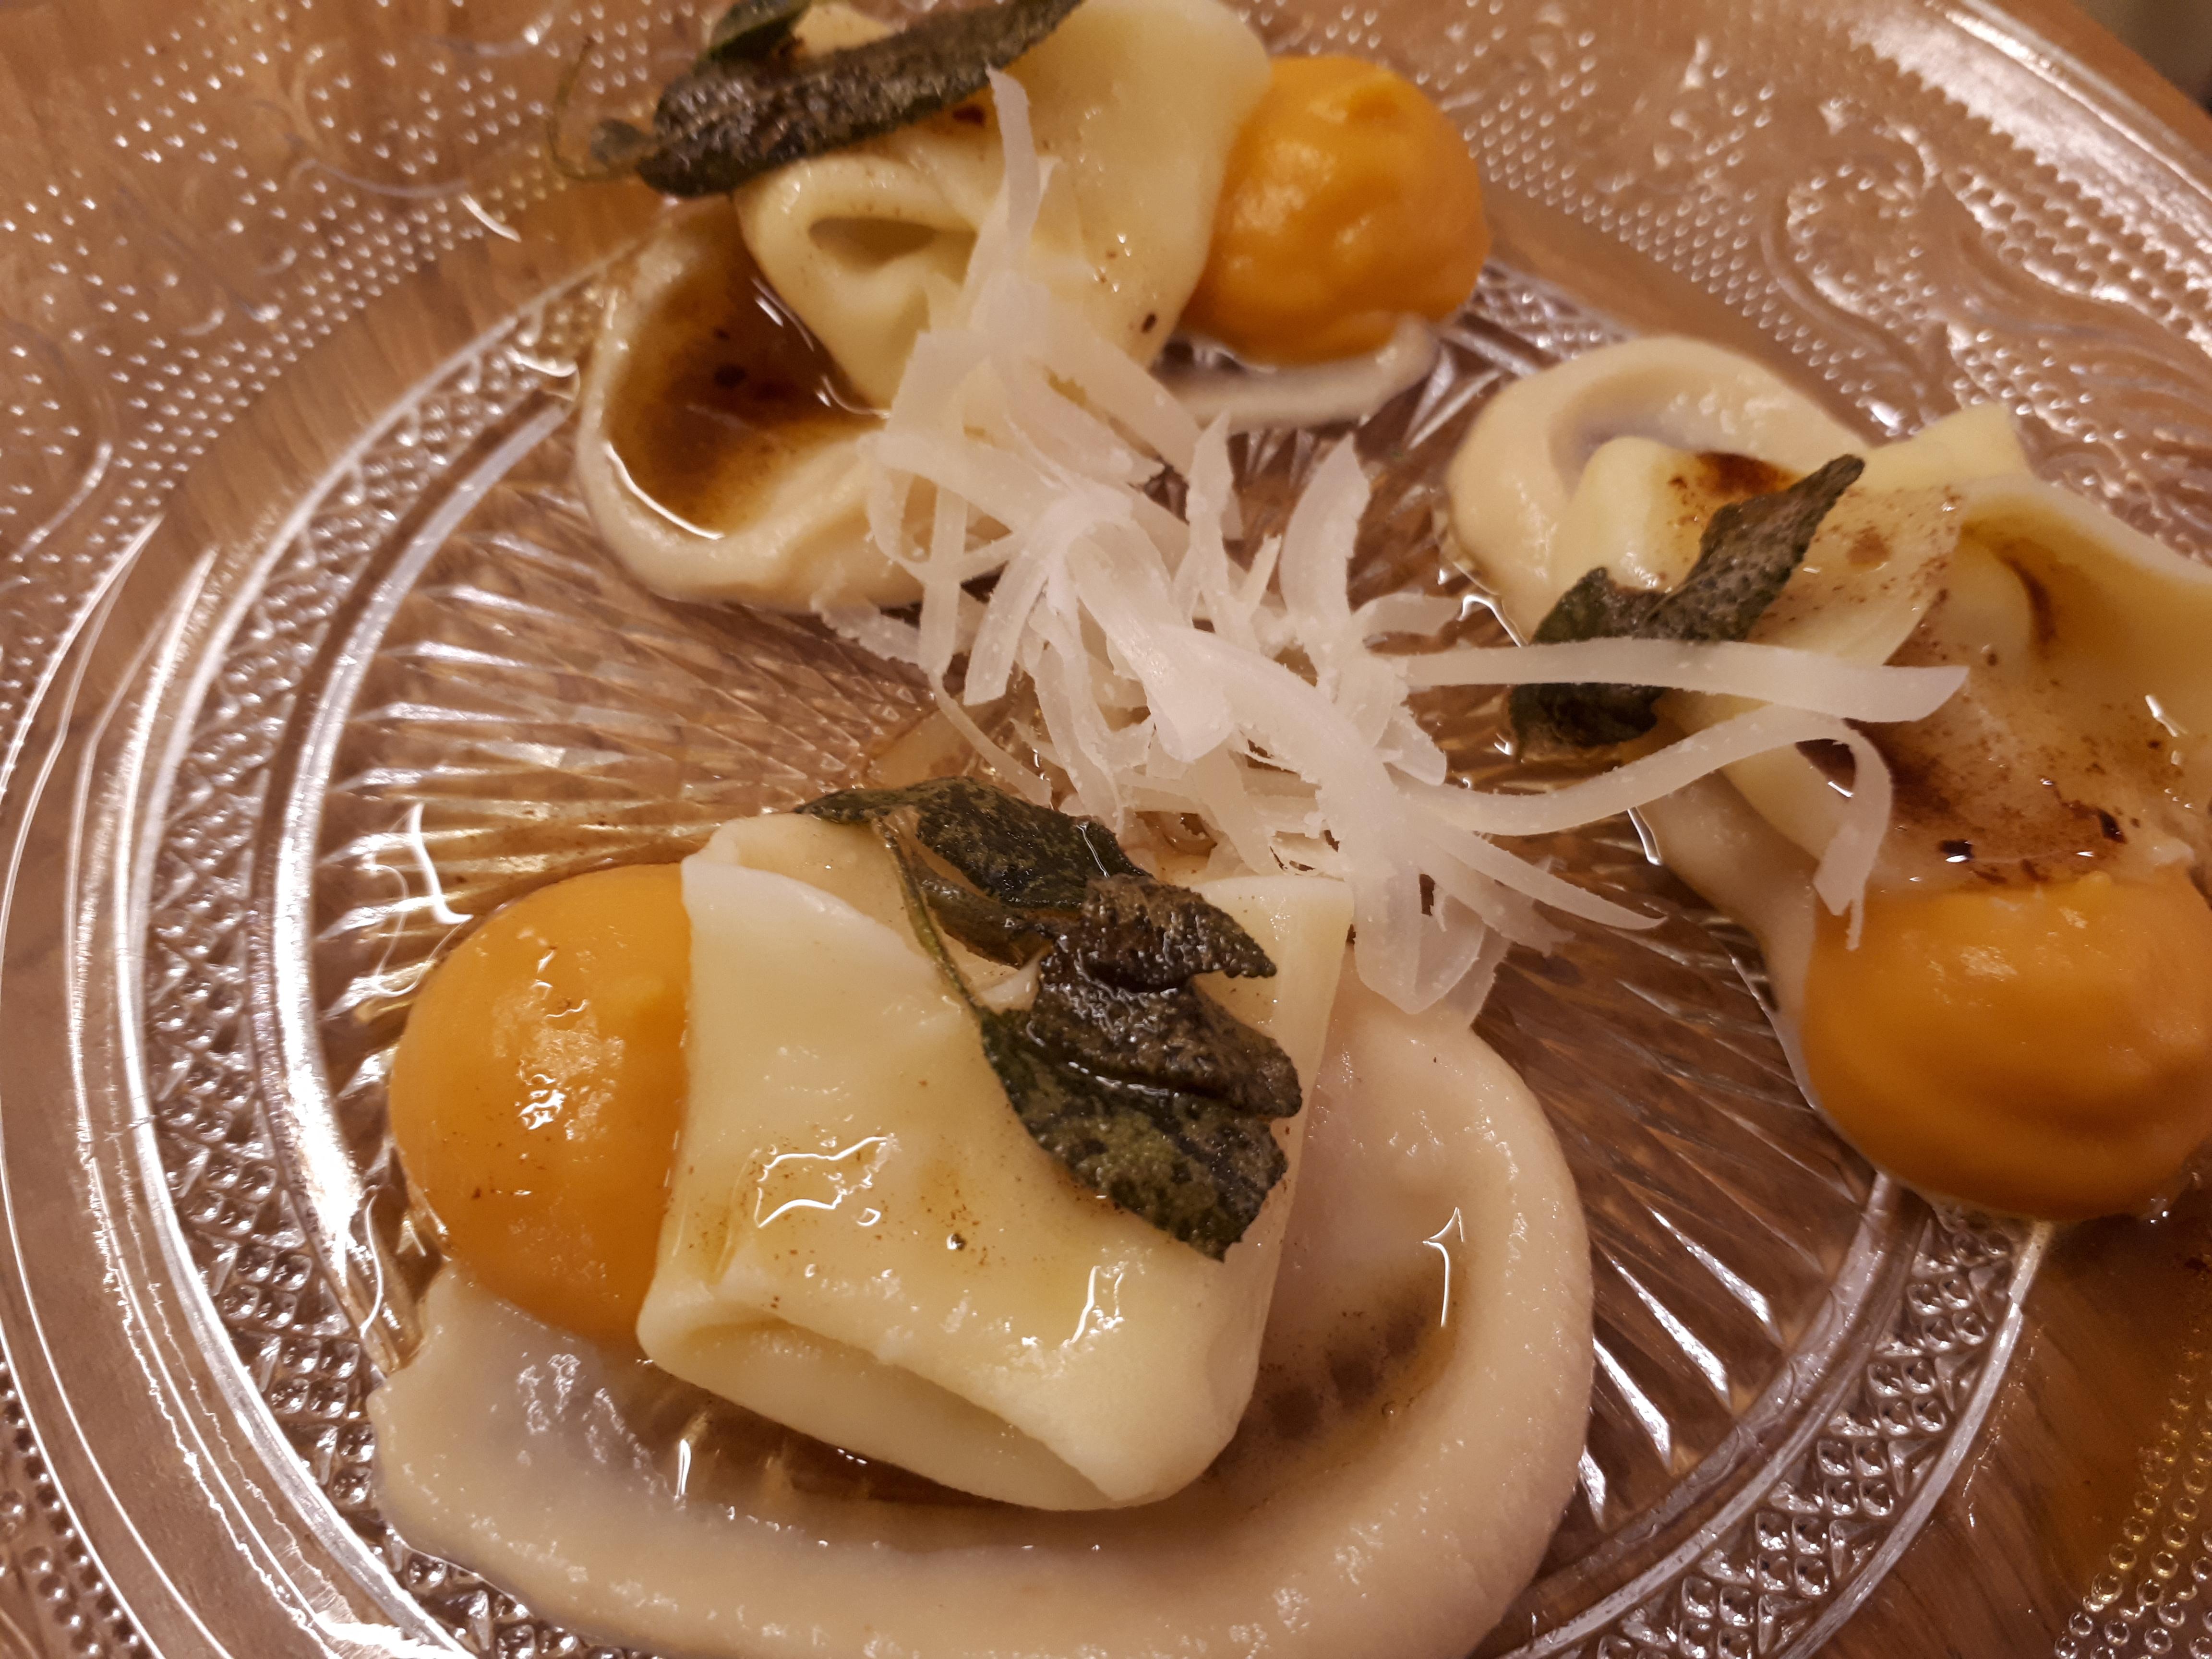 טורטליני גבינות ברוטב חמאה על קרם בטטה בליווי פרמז'ן